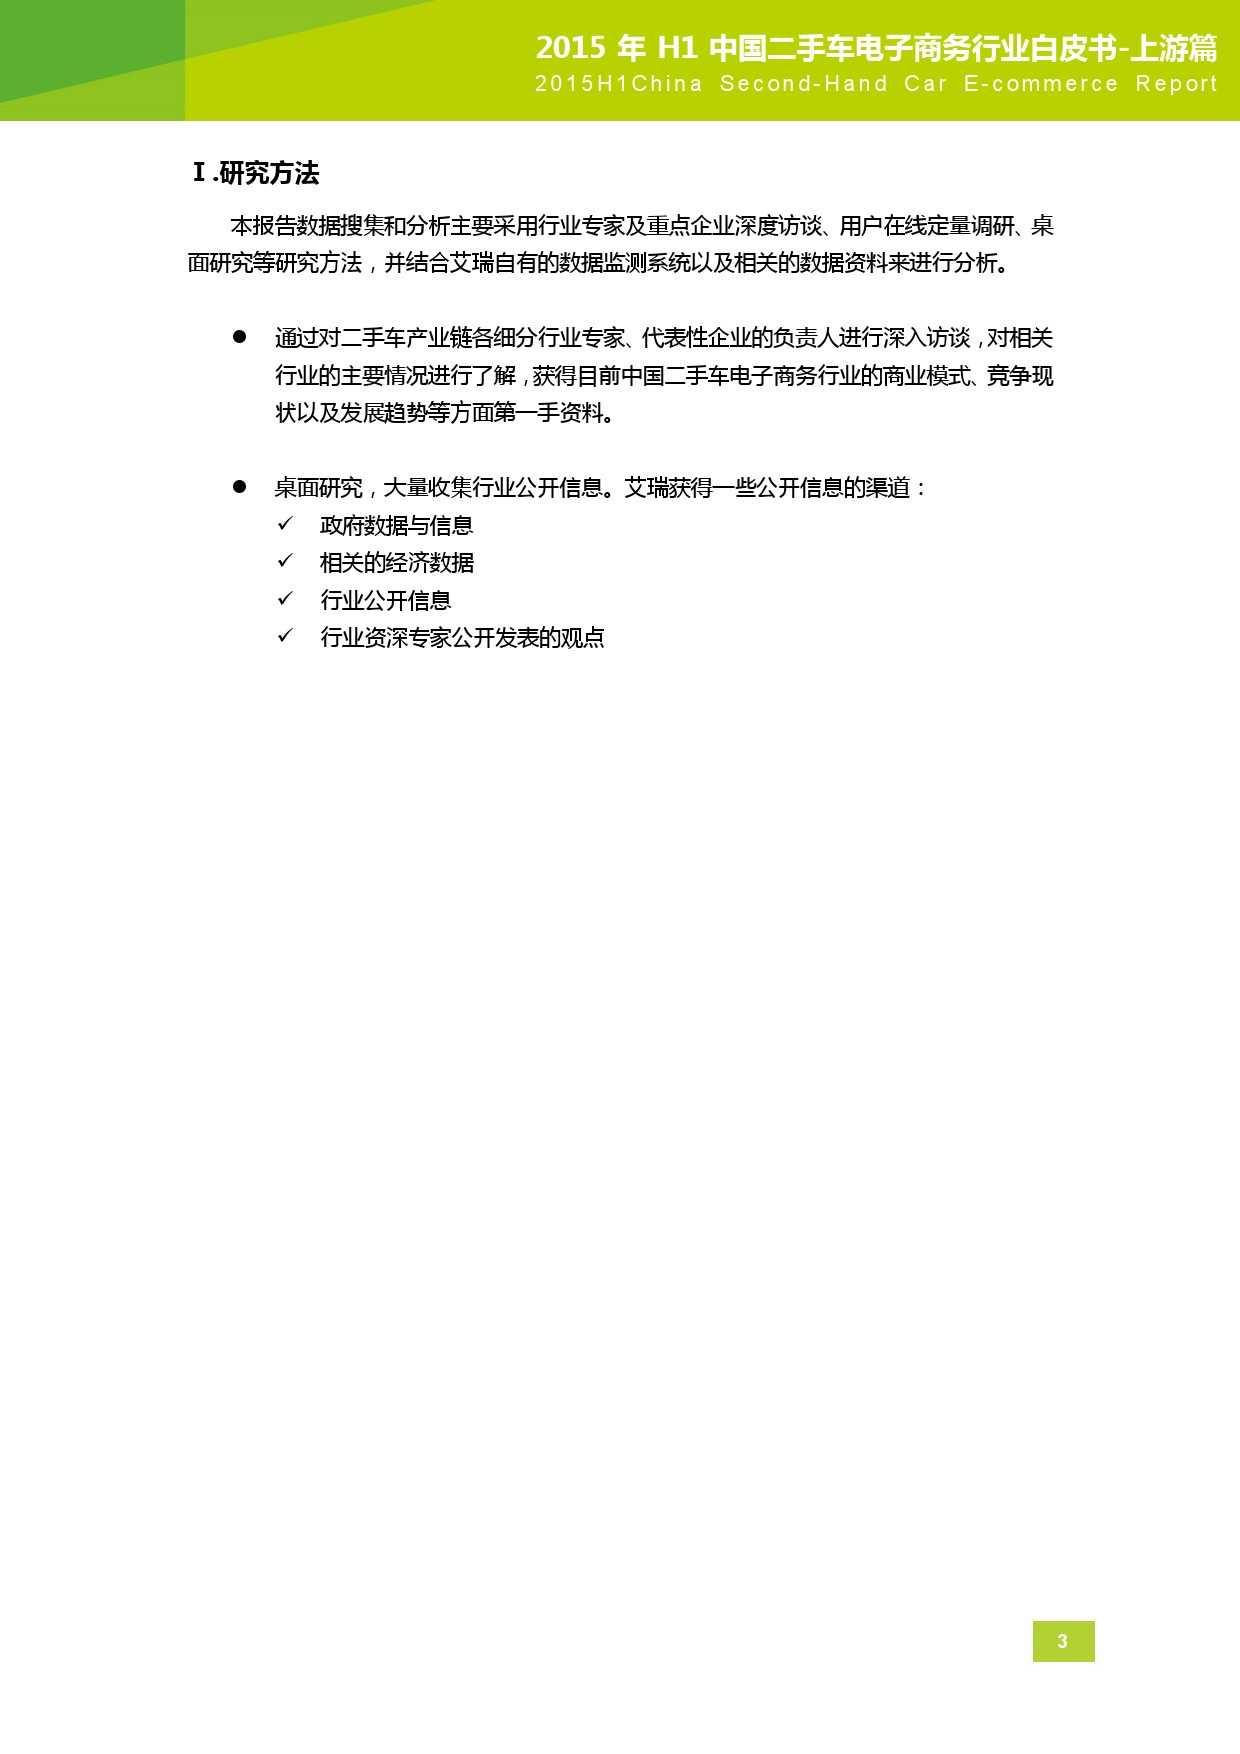 2015年中国二手车电子商务行业白皮书-上游篇_000004